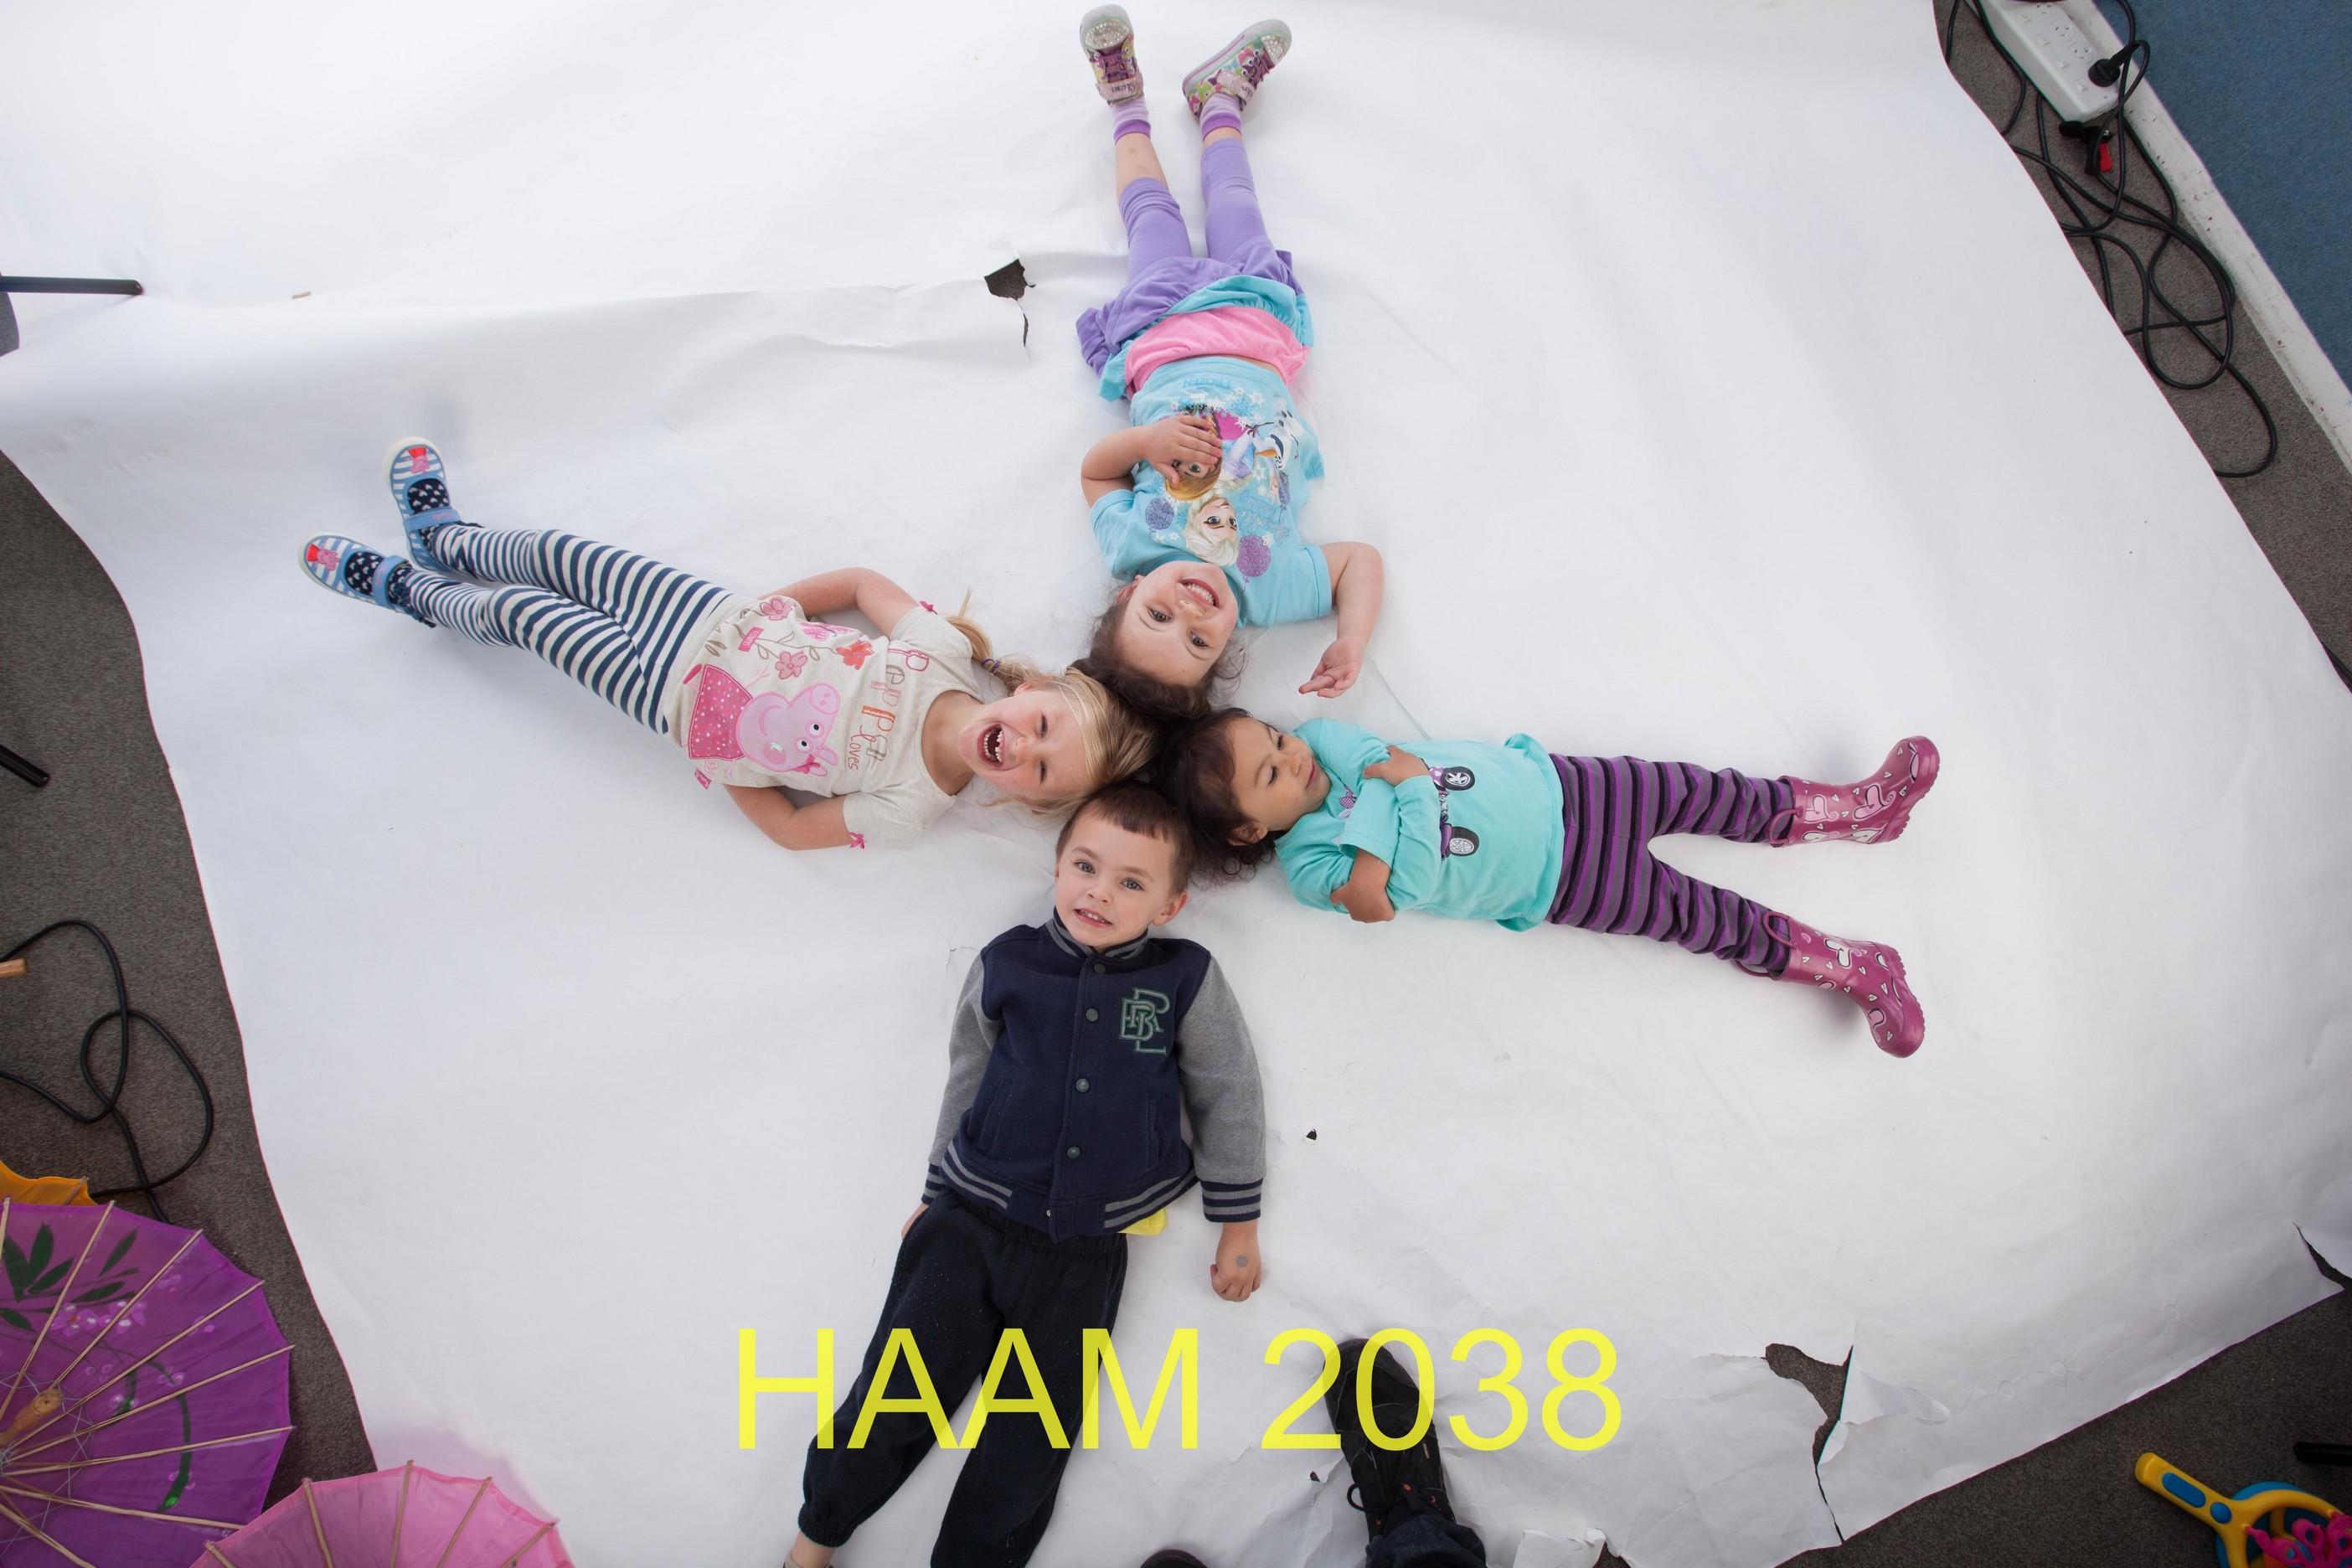 HAAM 2038